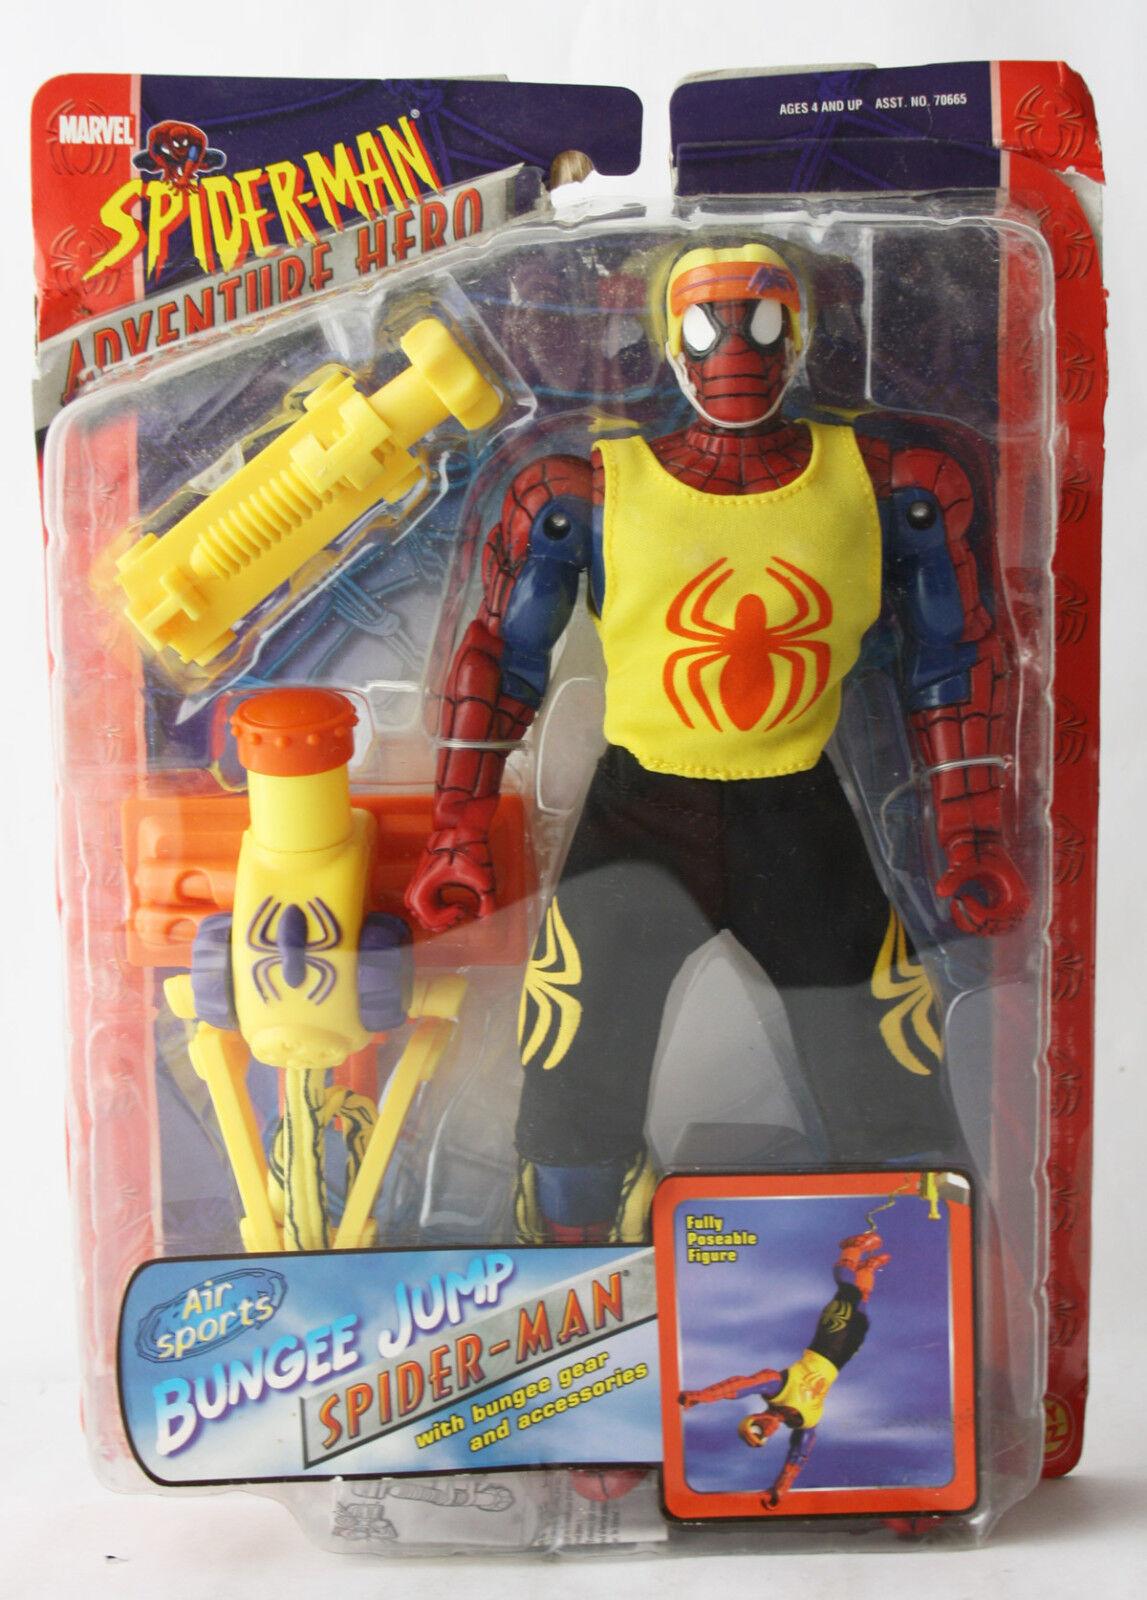 Seltene 2003 spiderman - abenteuer held bungee - jump - spinne abbildung spielzeug - biz neue versiegelt